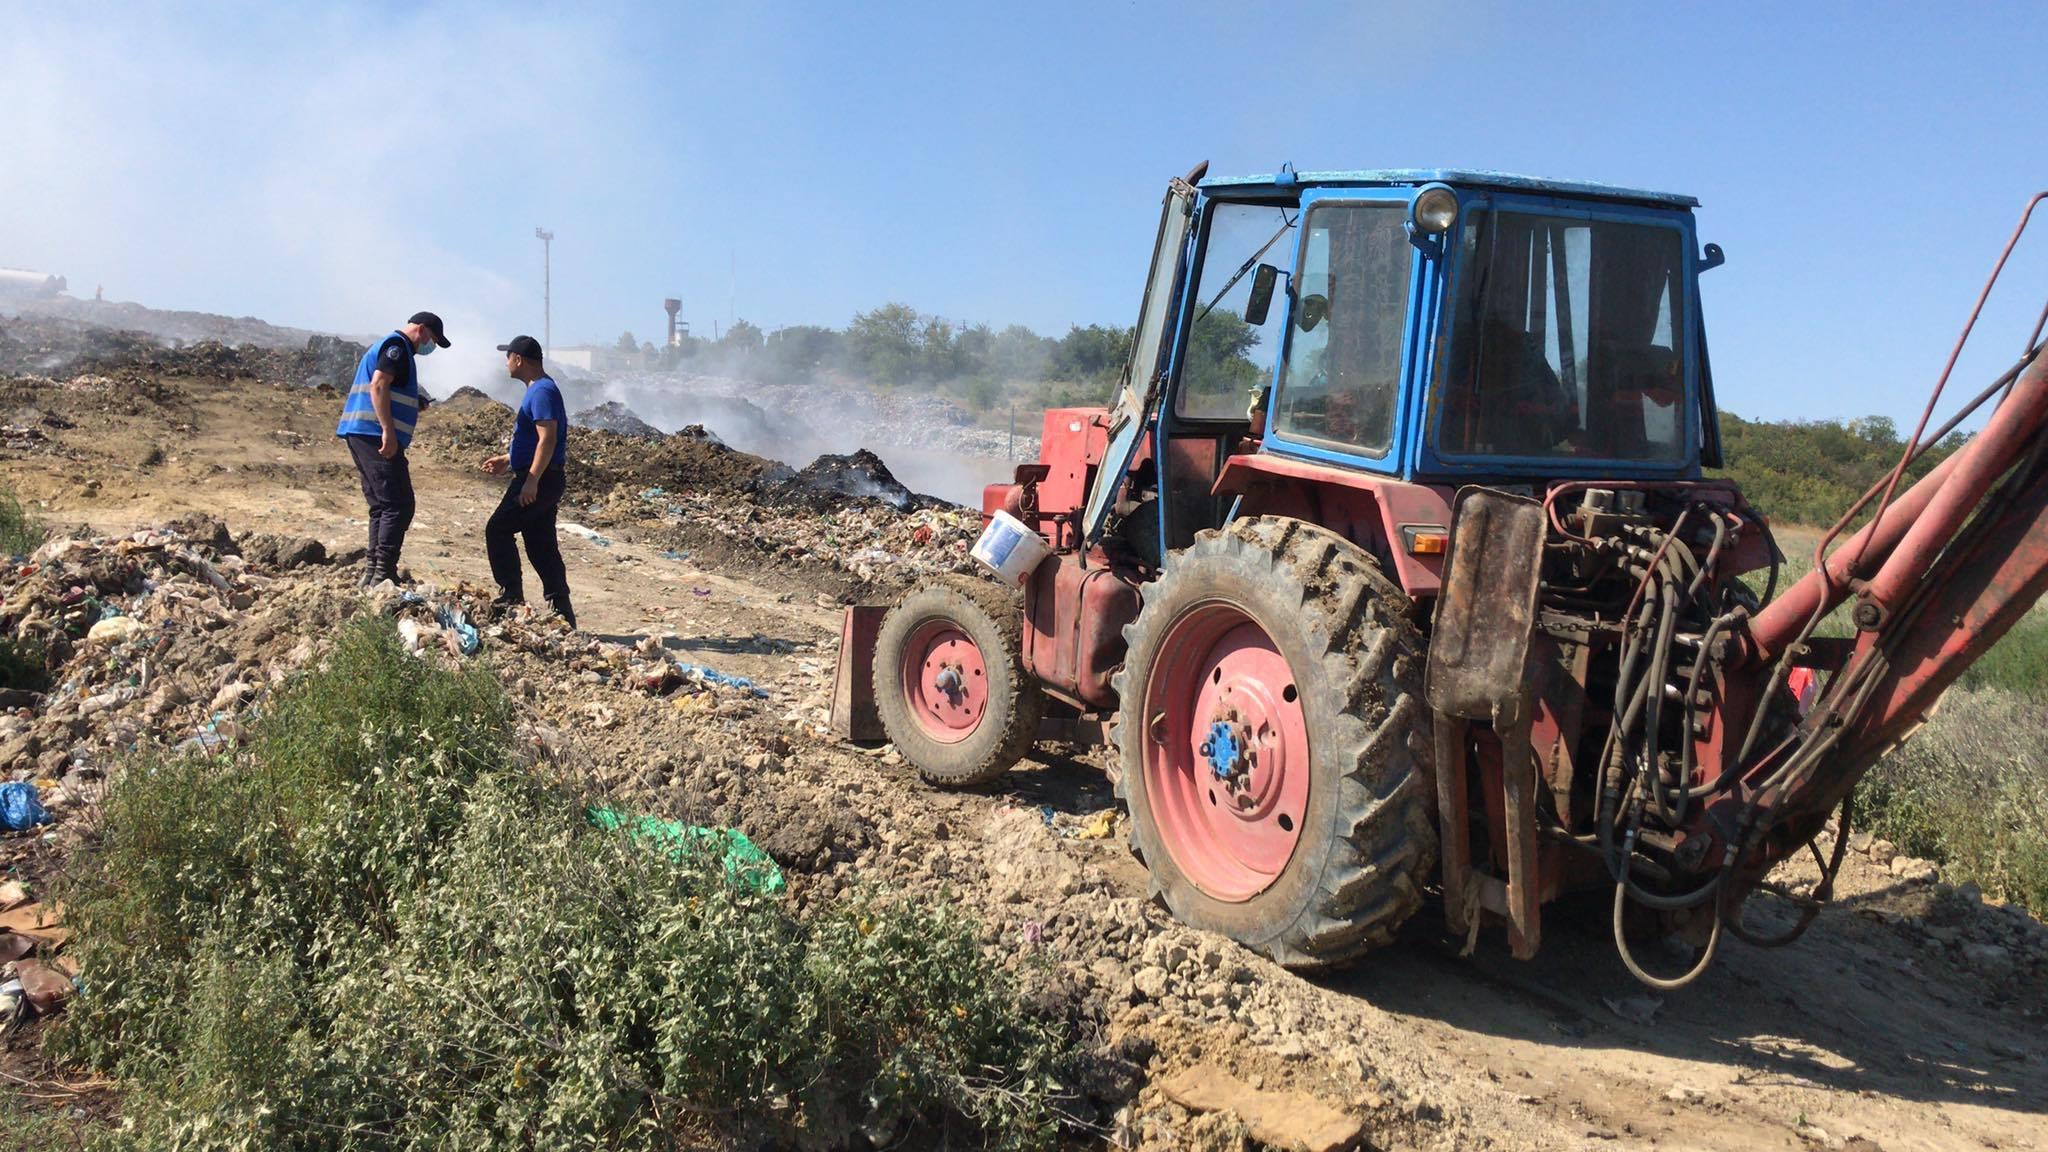 FOTO A treia zi consecutiv, pompierii sunt mobilizați la lichidarea incendiului de pe poligonul de deșeuri din Țânțăreni